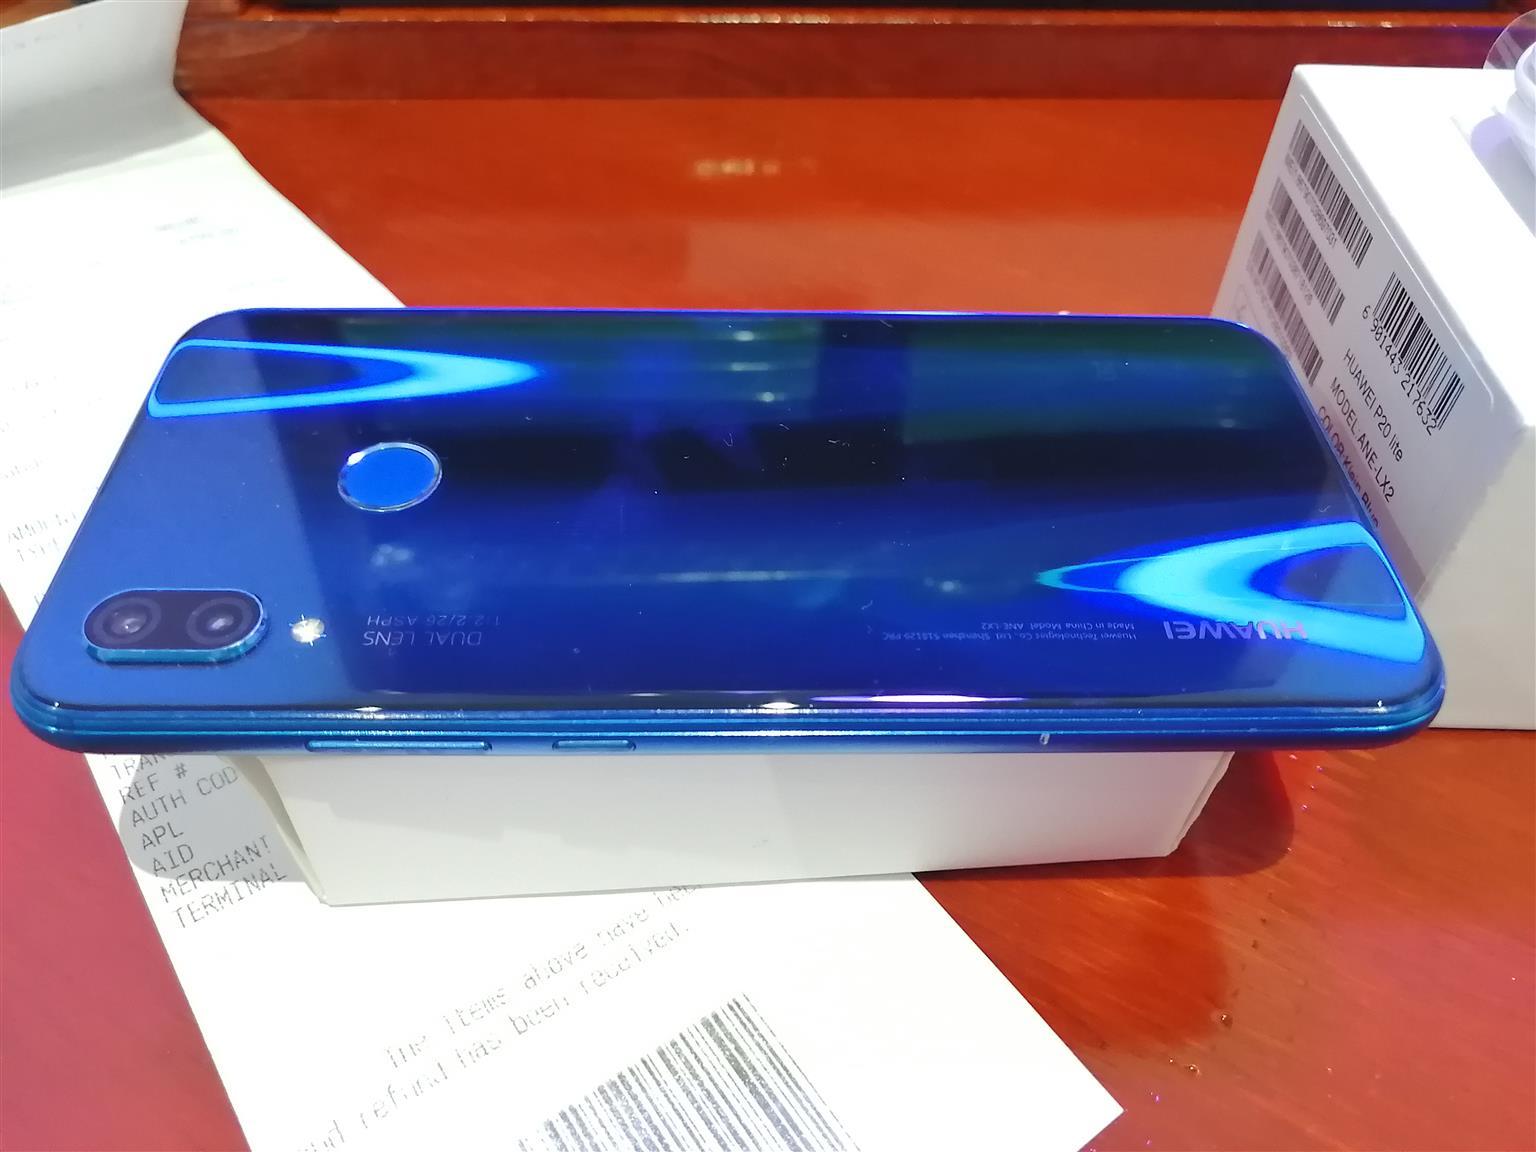 palaikyti Vieta Keršto klein blue p20 lite   globeluxuries.com